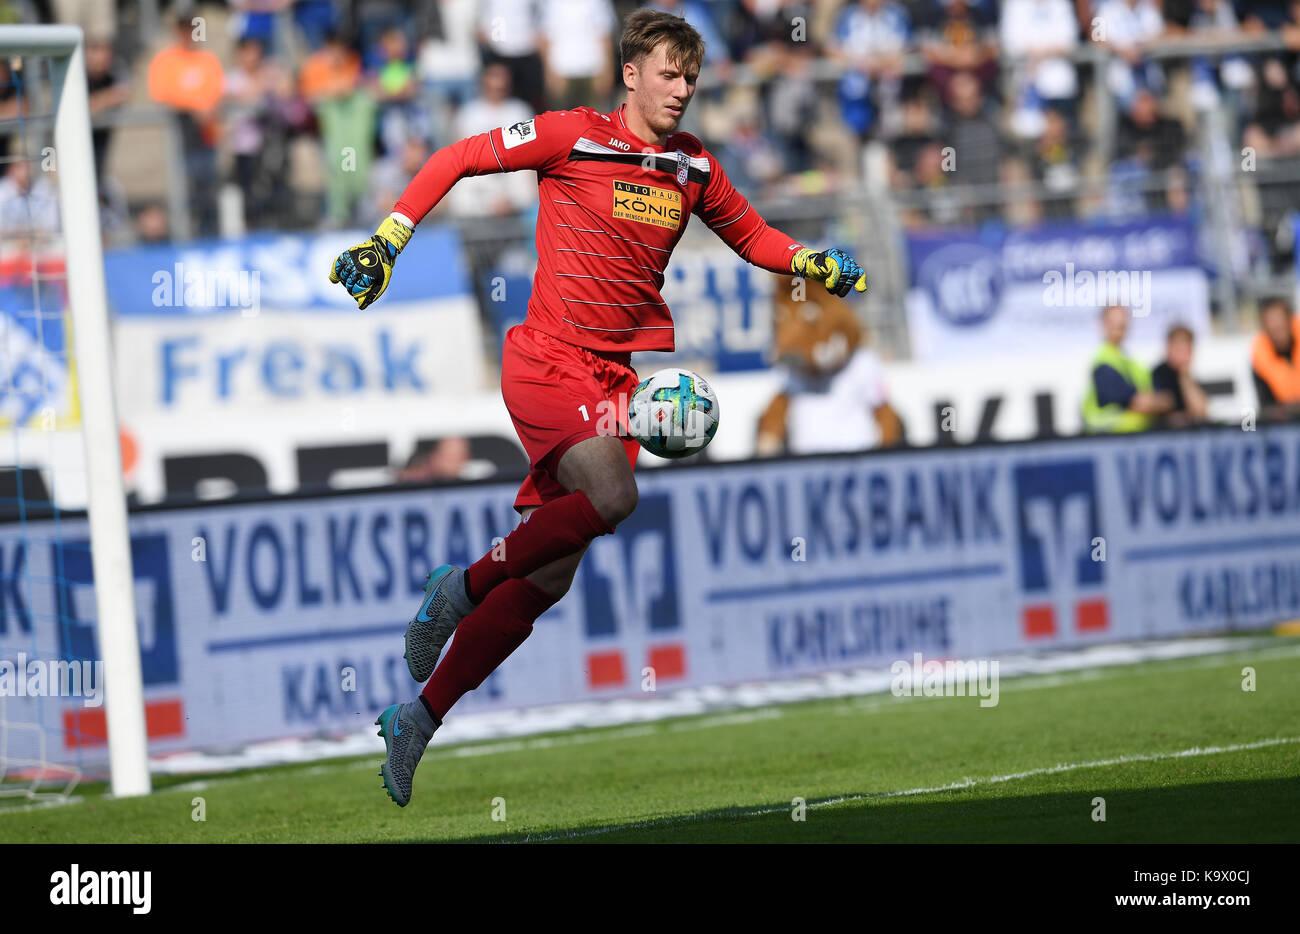 Karlsruhe, Deutschland. 24th Sep, 2017. Einzelaktion/Freisteller Torwart Philipp Klewin (RW). GES/ Fussball/ 3. - Stock Image